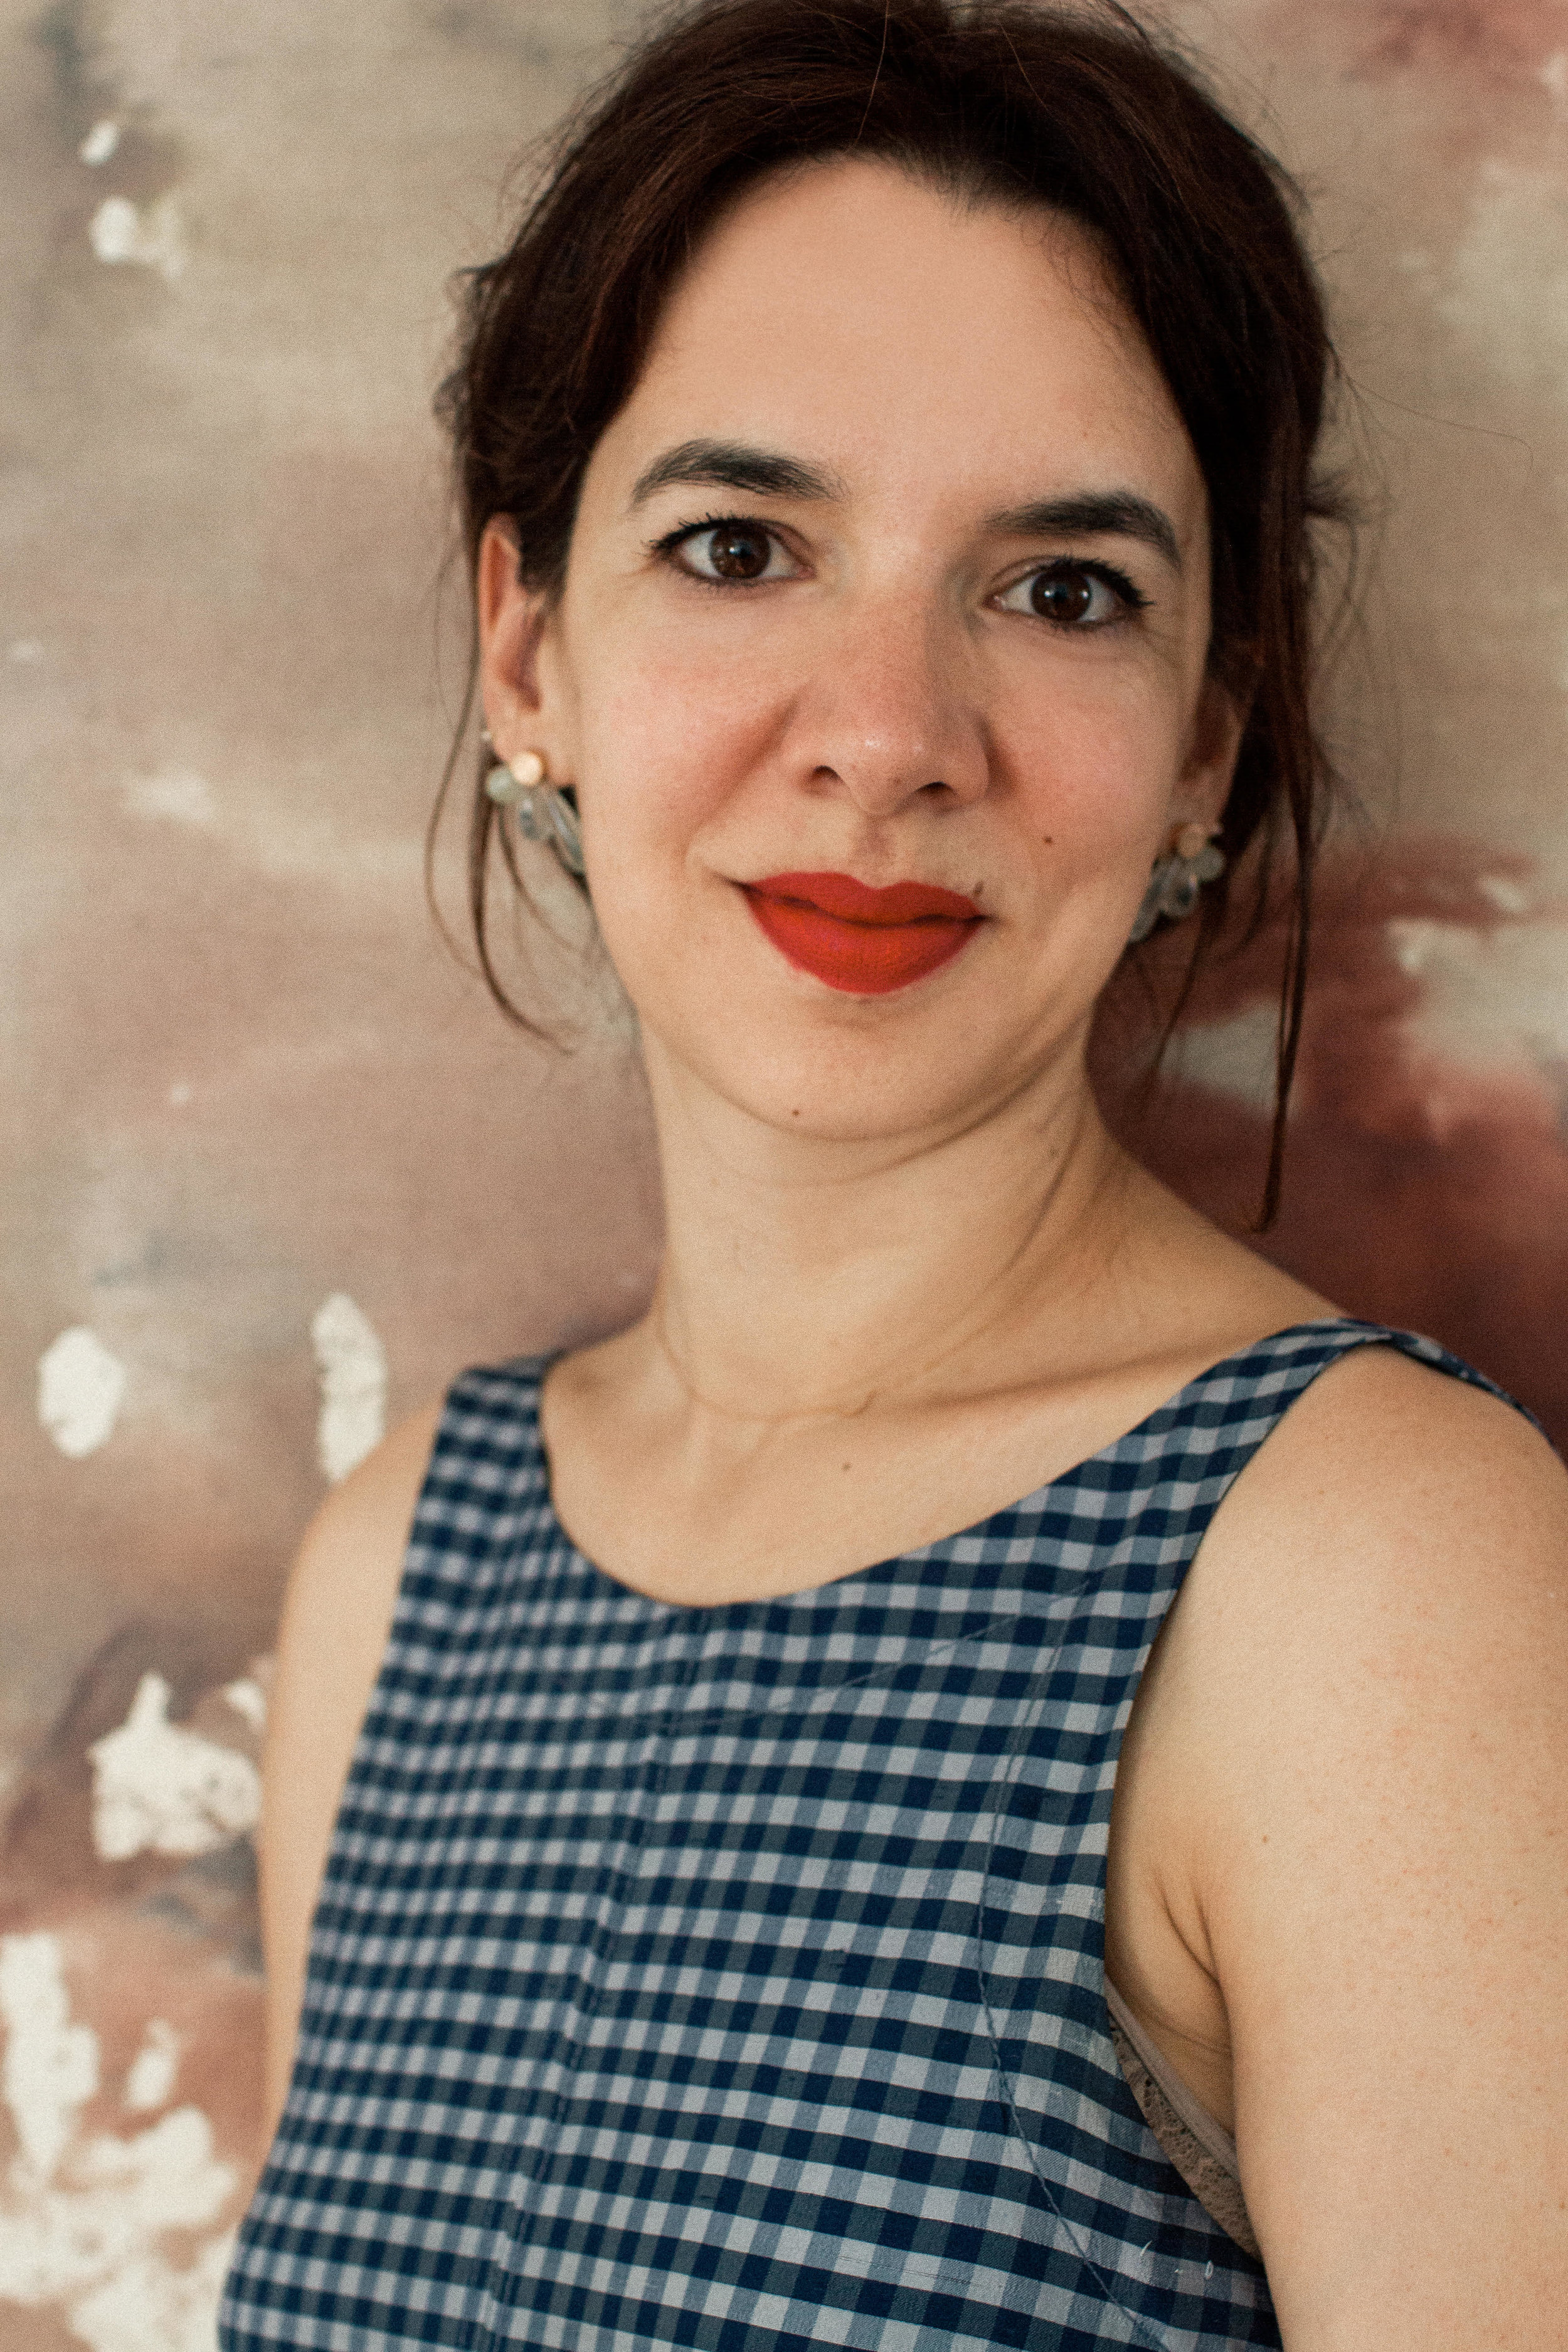 Joana Mieiro